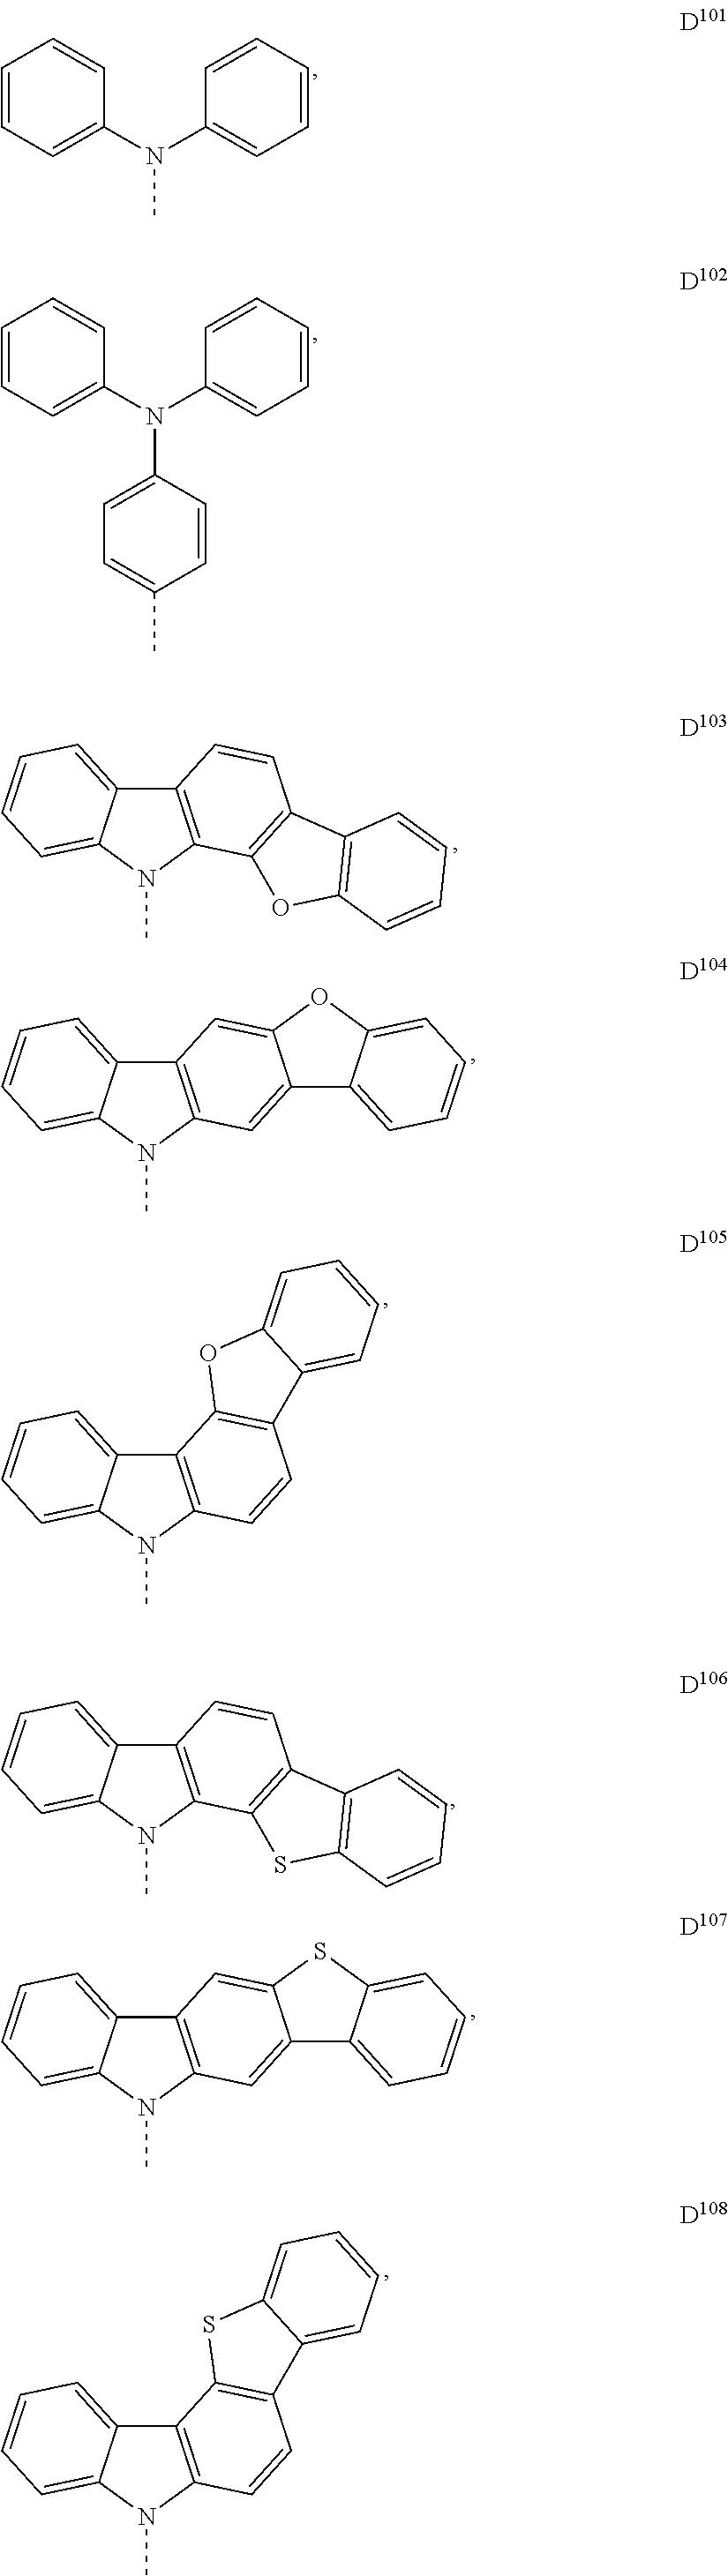 Figure US09209411-20151208-C00048